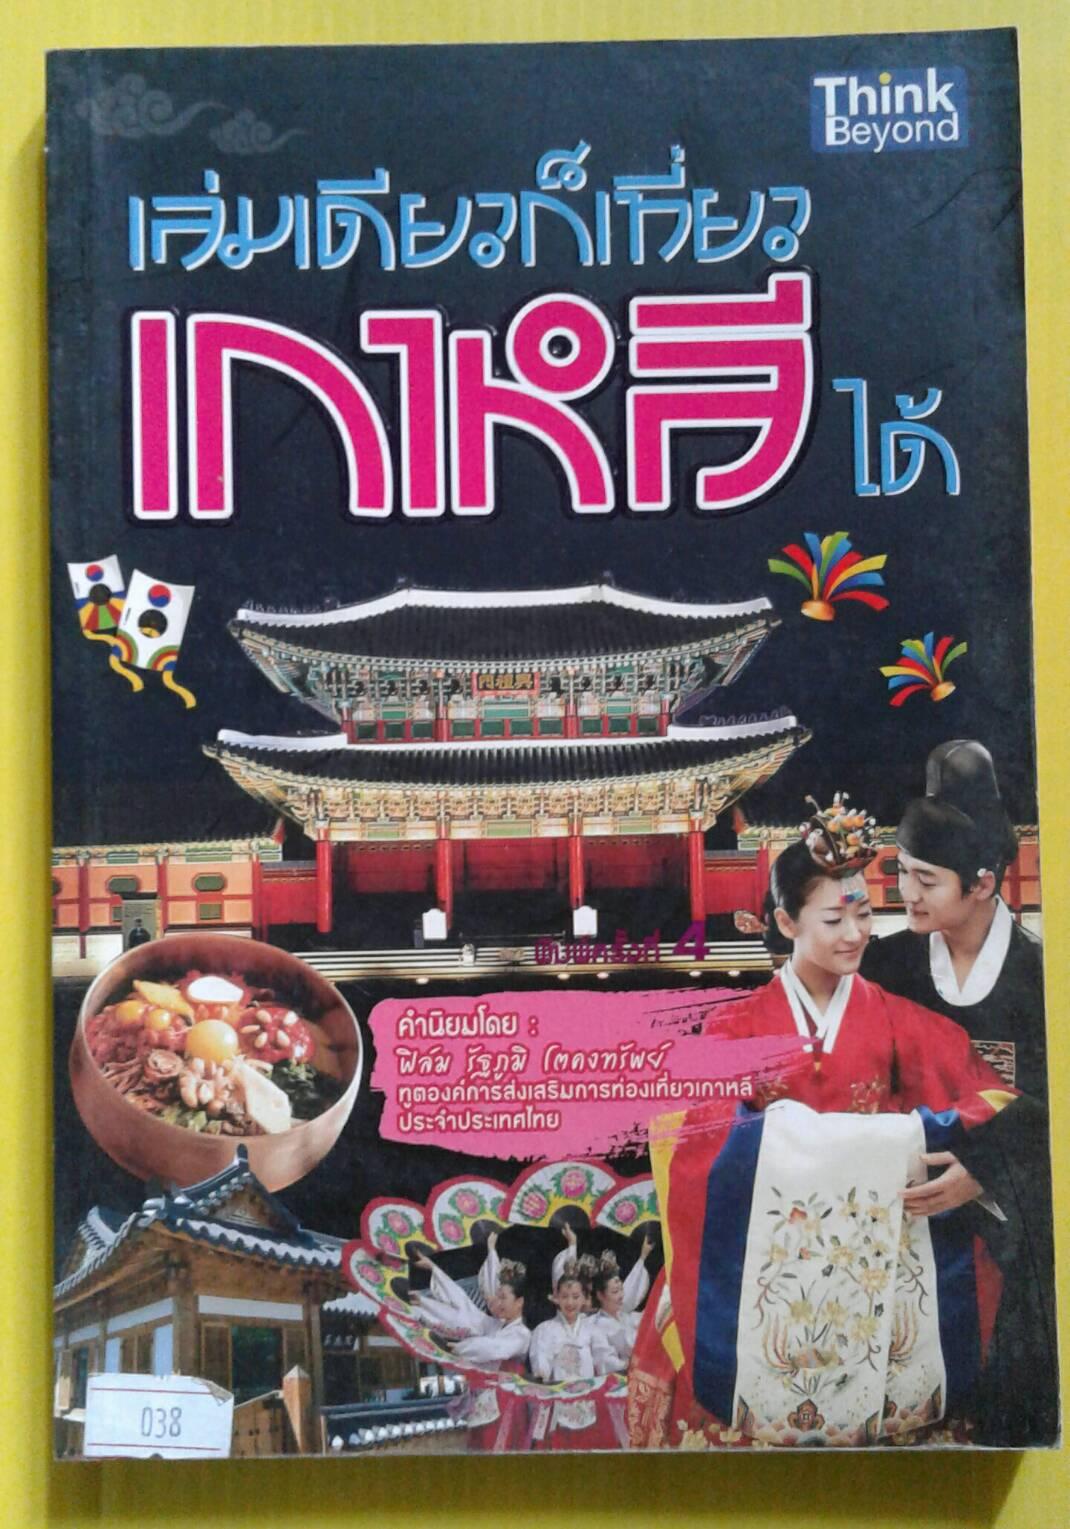 เล่มเดียวก็เที่ยวเกาหลีได้